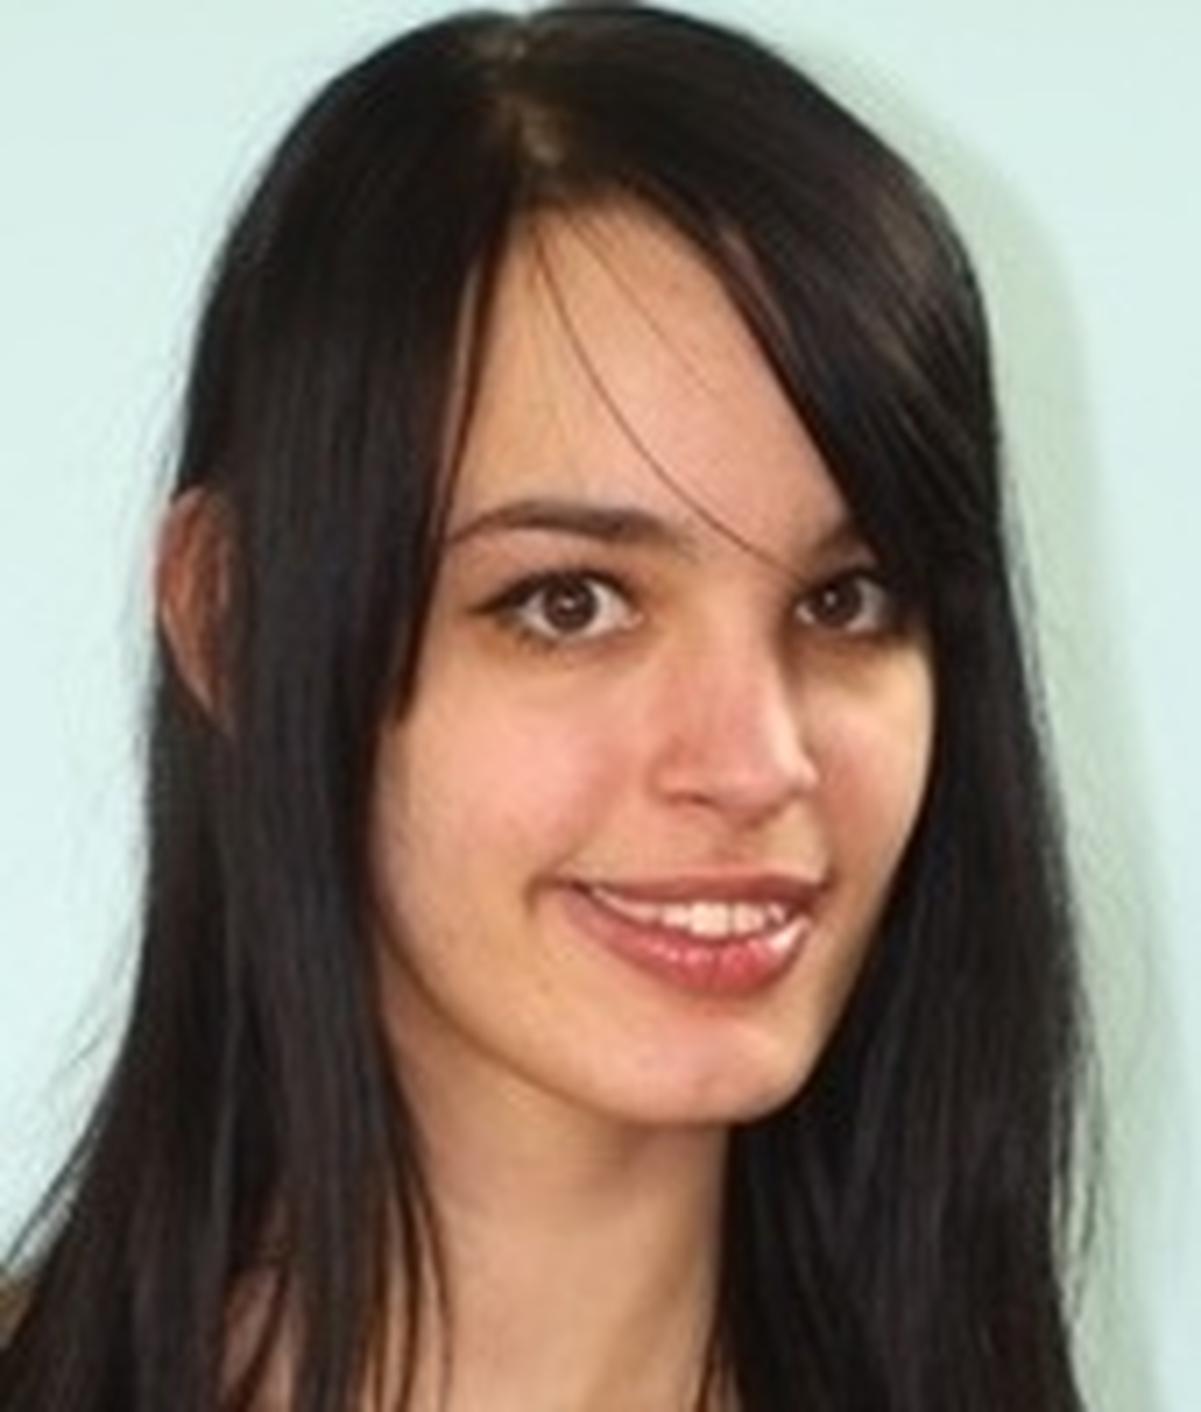 Naomi G